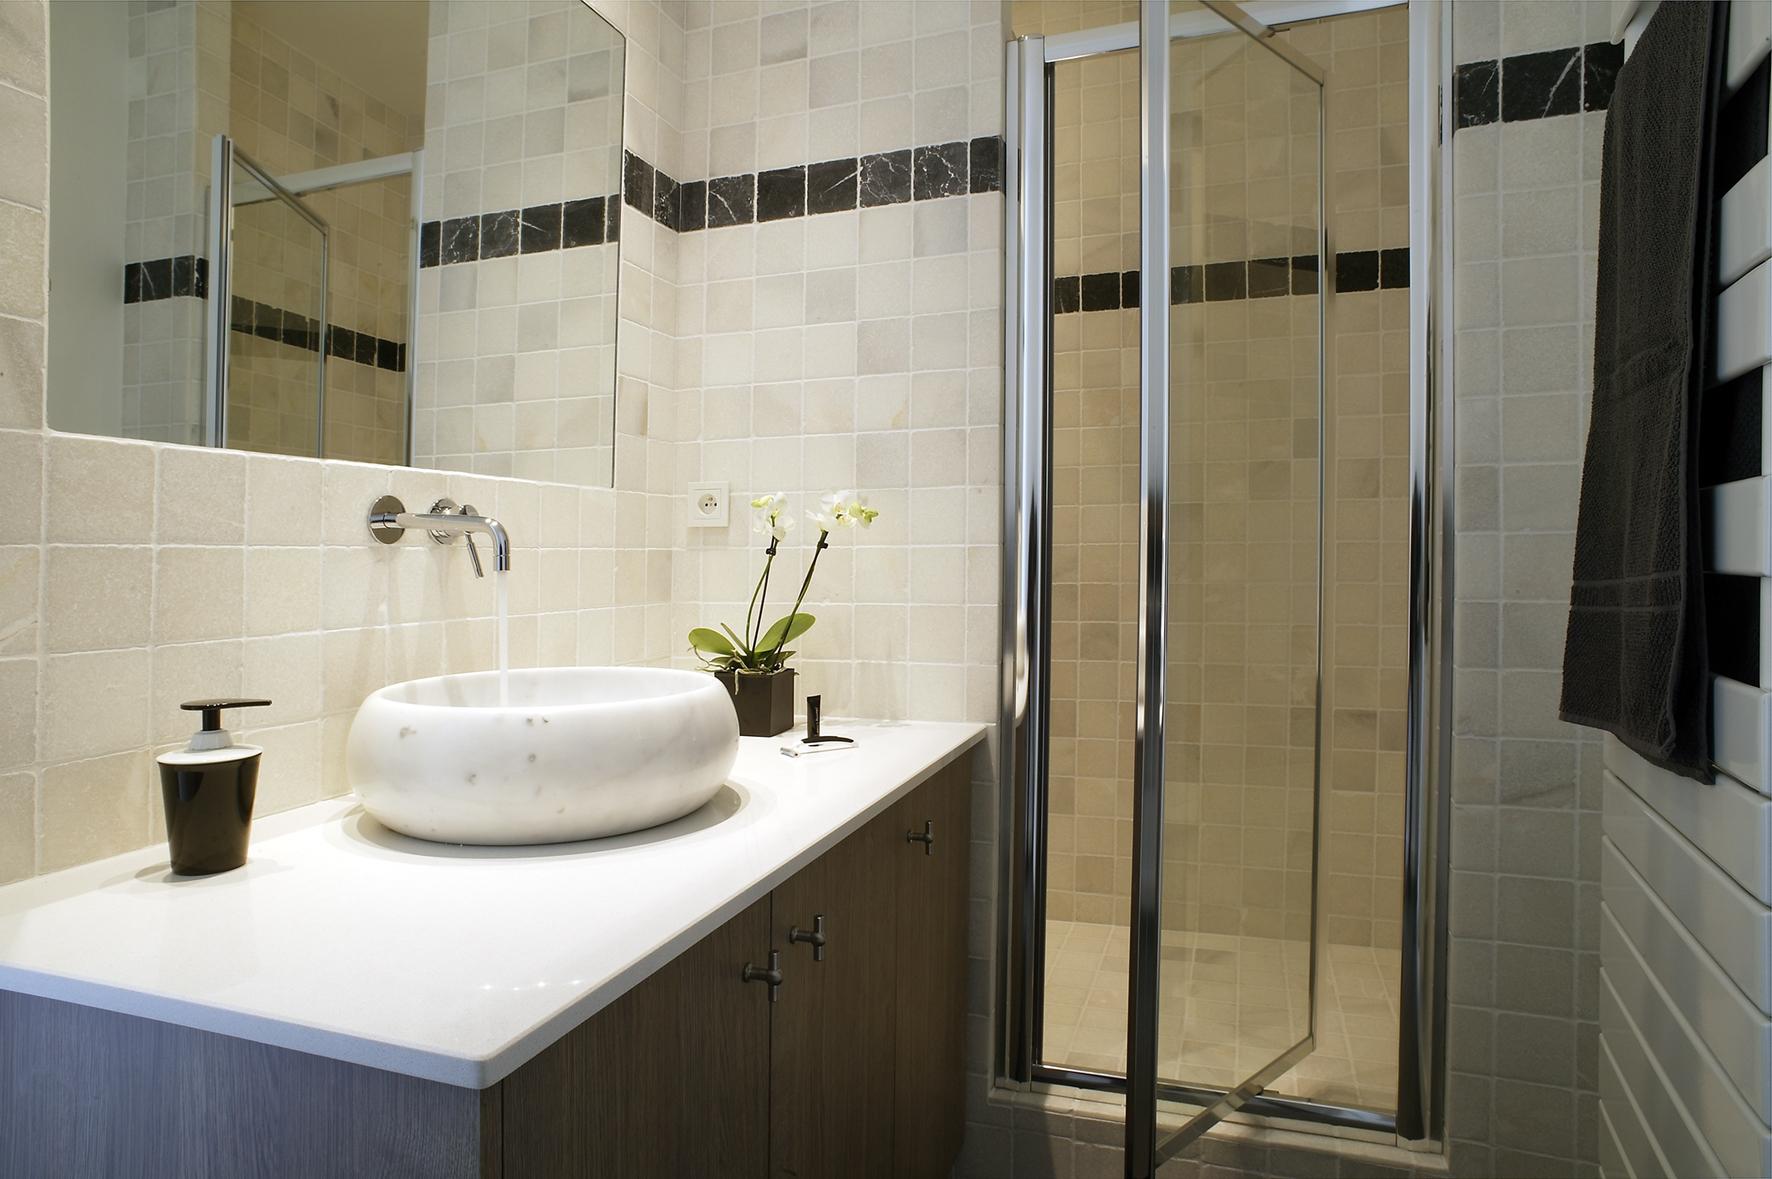 Prix installation de salle de bains en seine et marne for Prix salle de bain travaux